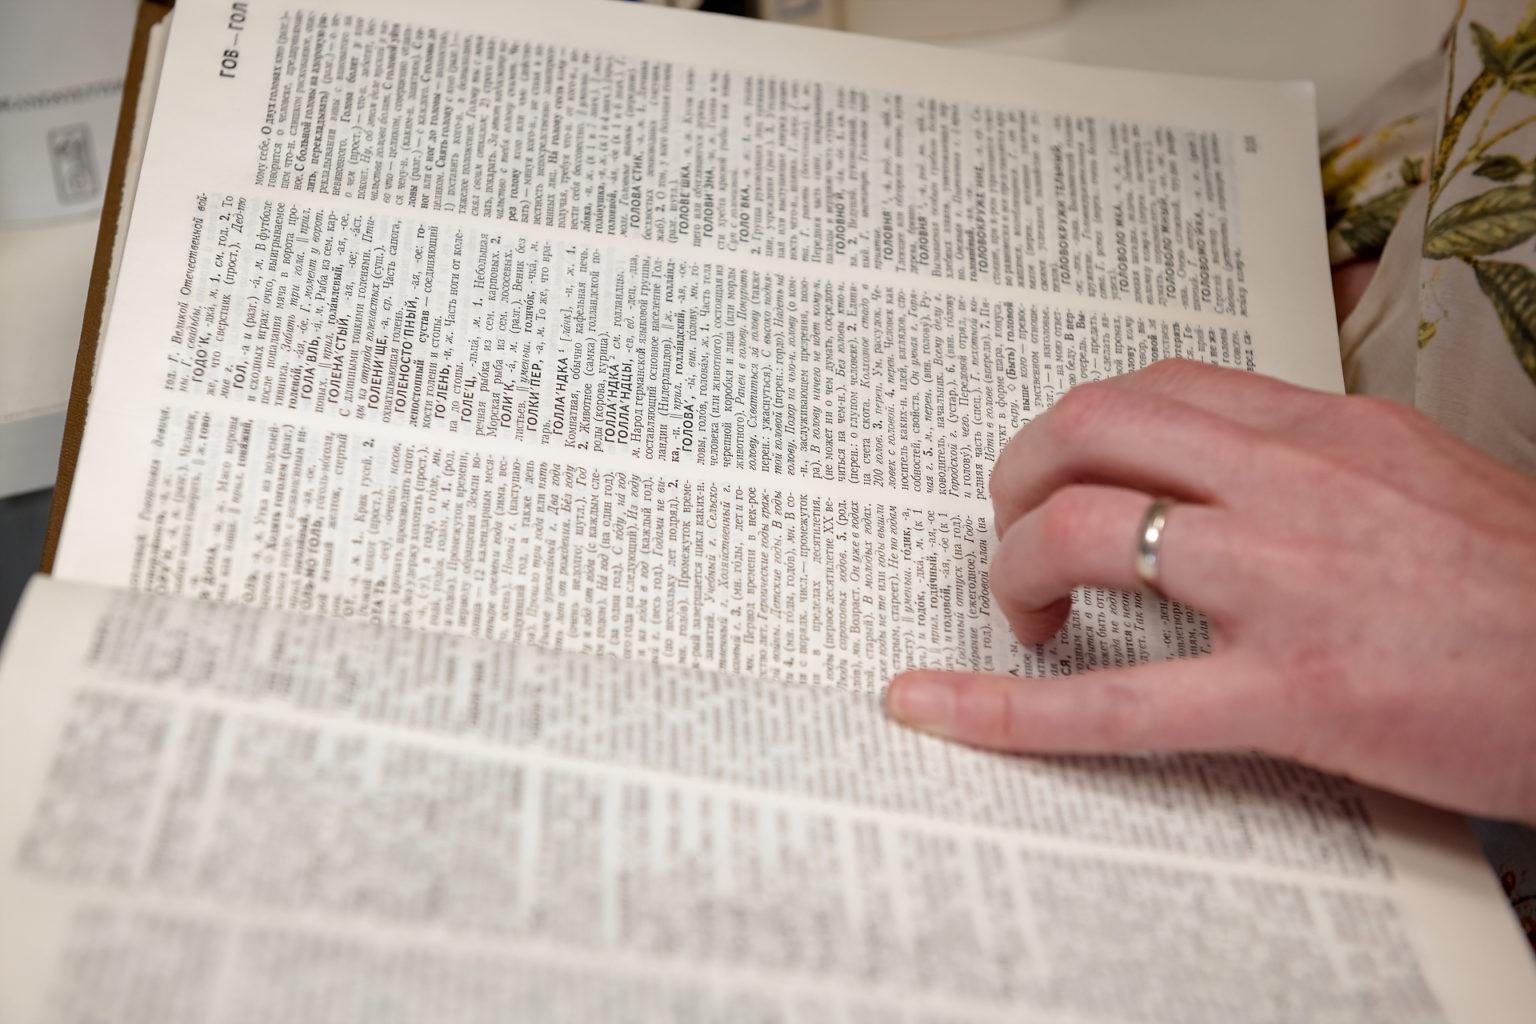 Un dictionnaire dans les mains de Marie-Joëlle Goffioul chez Belga Translations